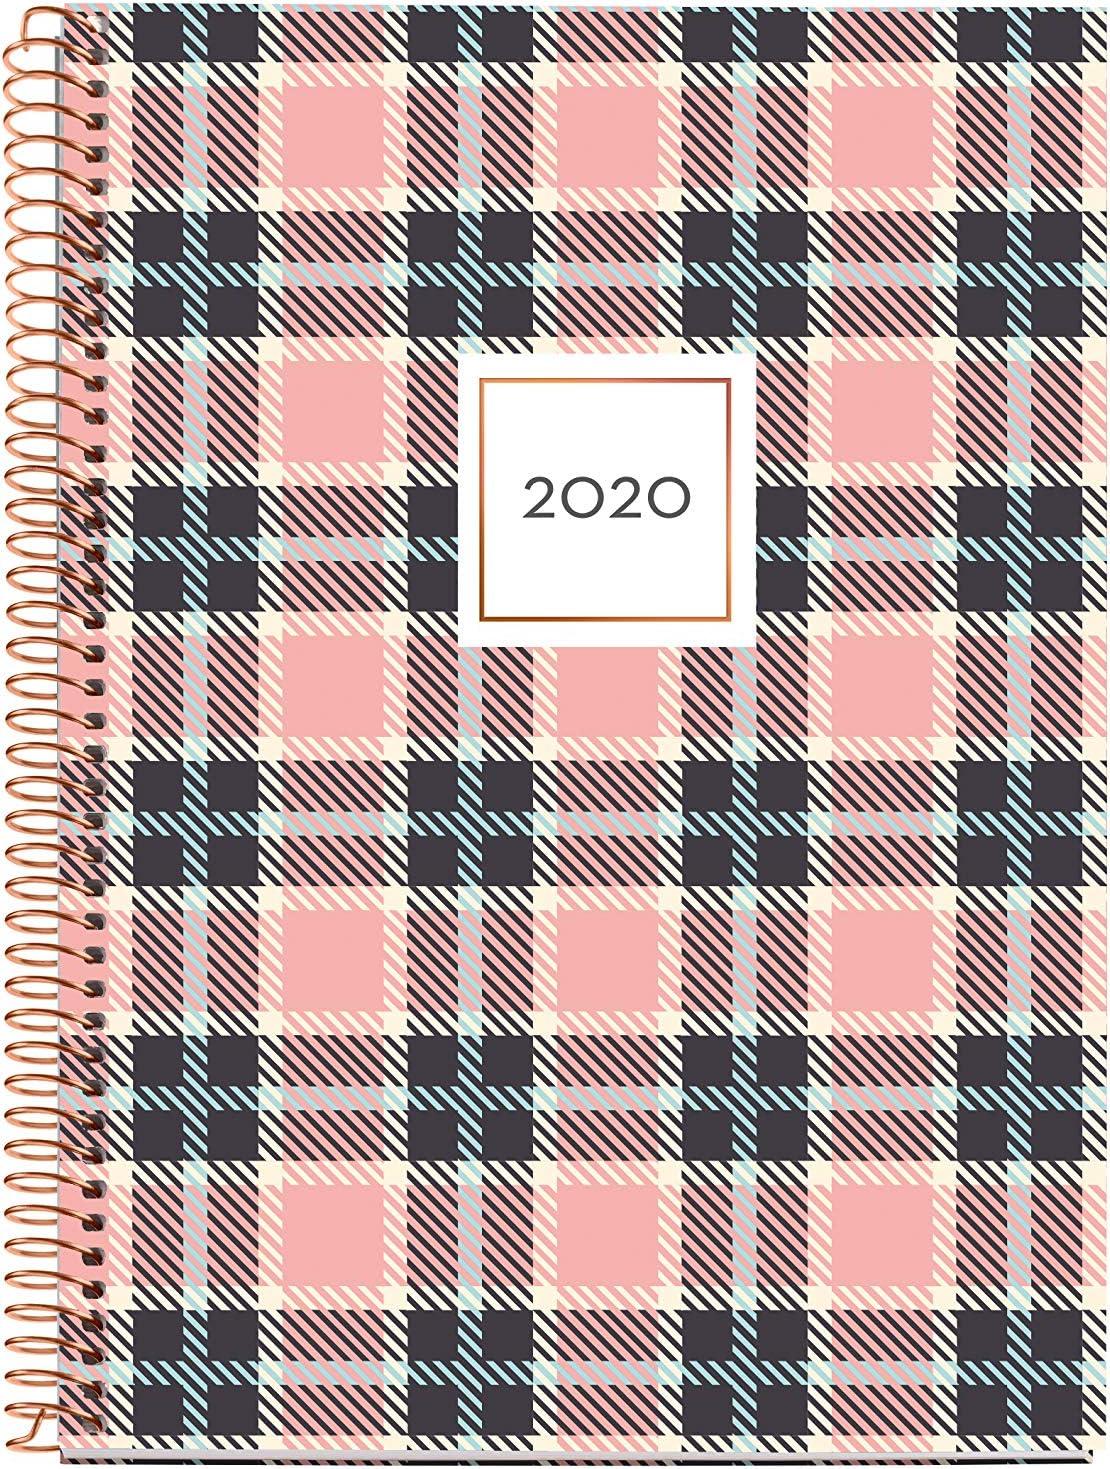 Miquelrius 34013 Agenda 2020 D/ía P/ágina sobremesa Script Rosa 155 x 213 mm Castellano